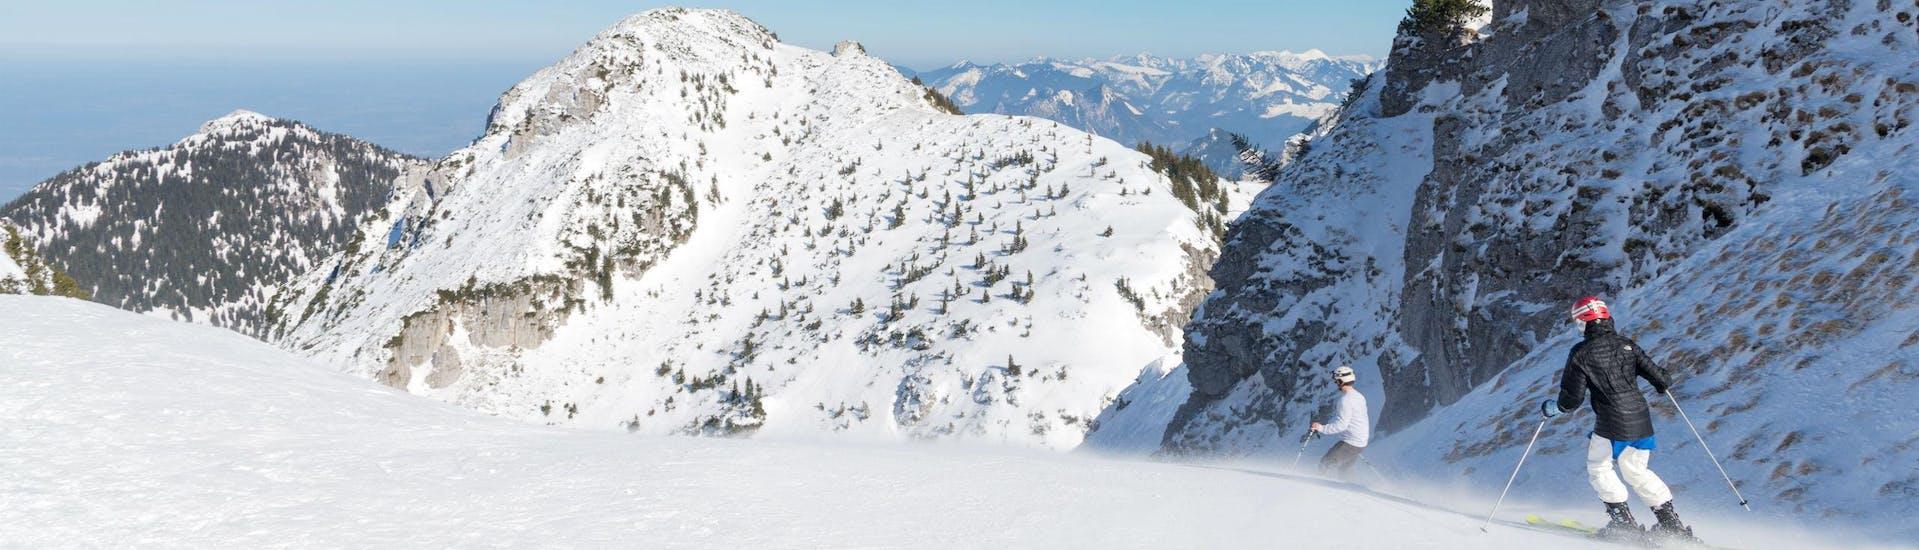 Ein Bild zweier Skifahrer auf der Skipiste in Bayrischzell - Sudefeld, einem deutschen Skigebiet wo alle, die das Skifahren lernen möchten, bei einer der örtlichen Skischulen einen Skikurs buchen können.